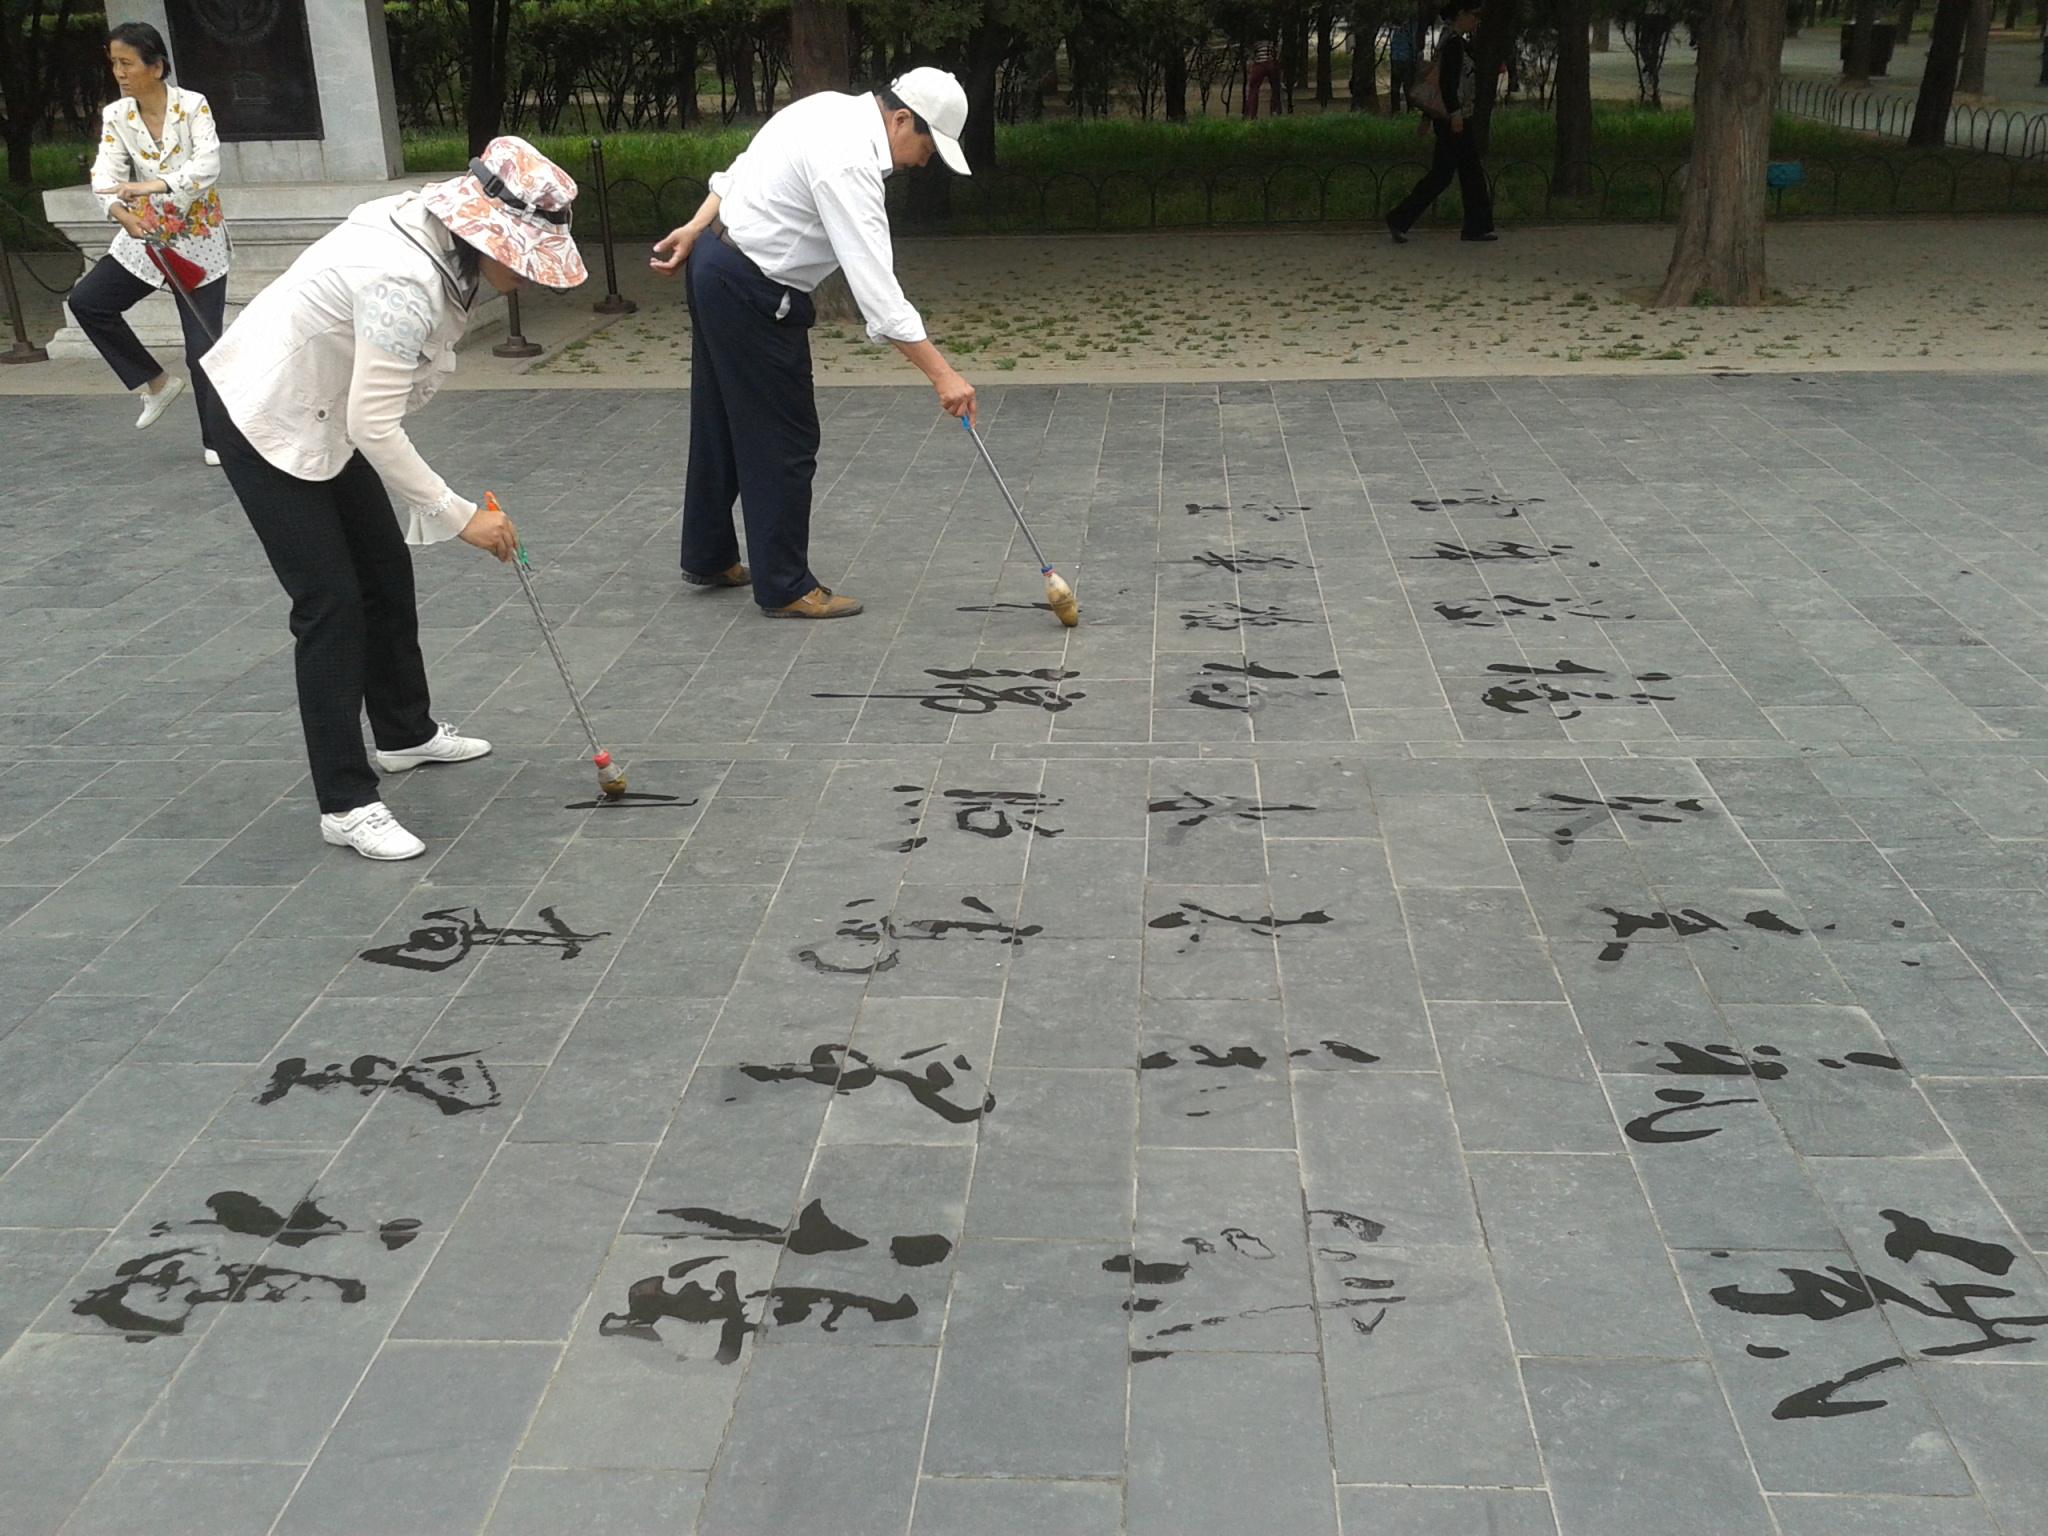 Kalligráfia a parkban - Peking